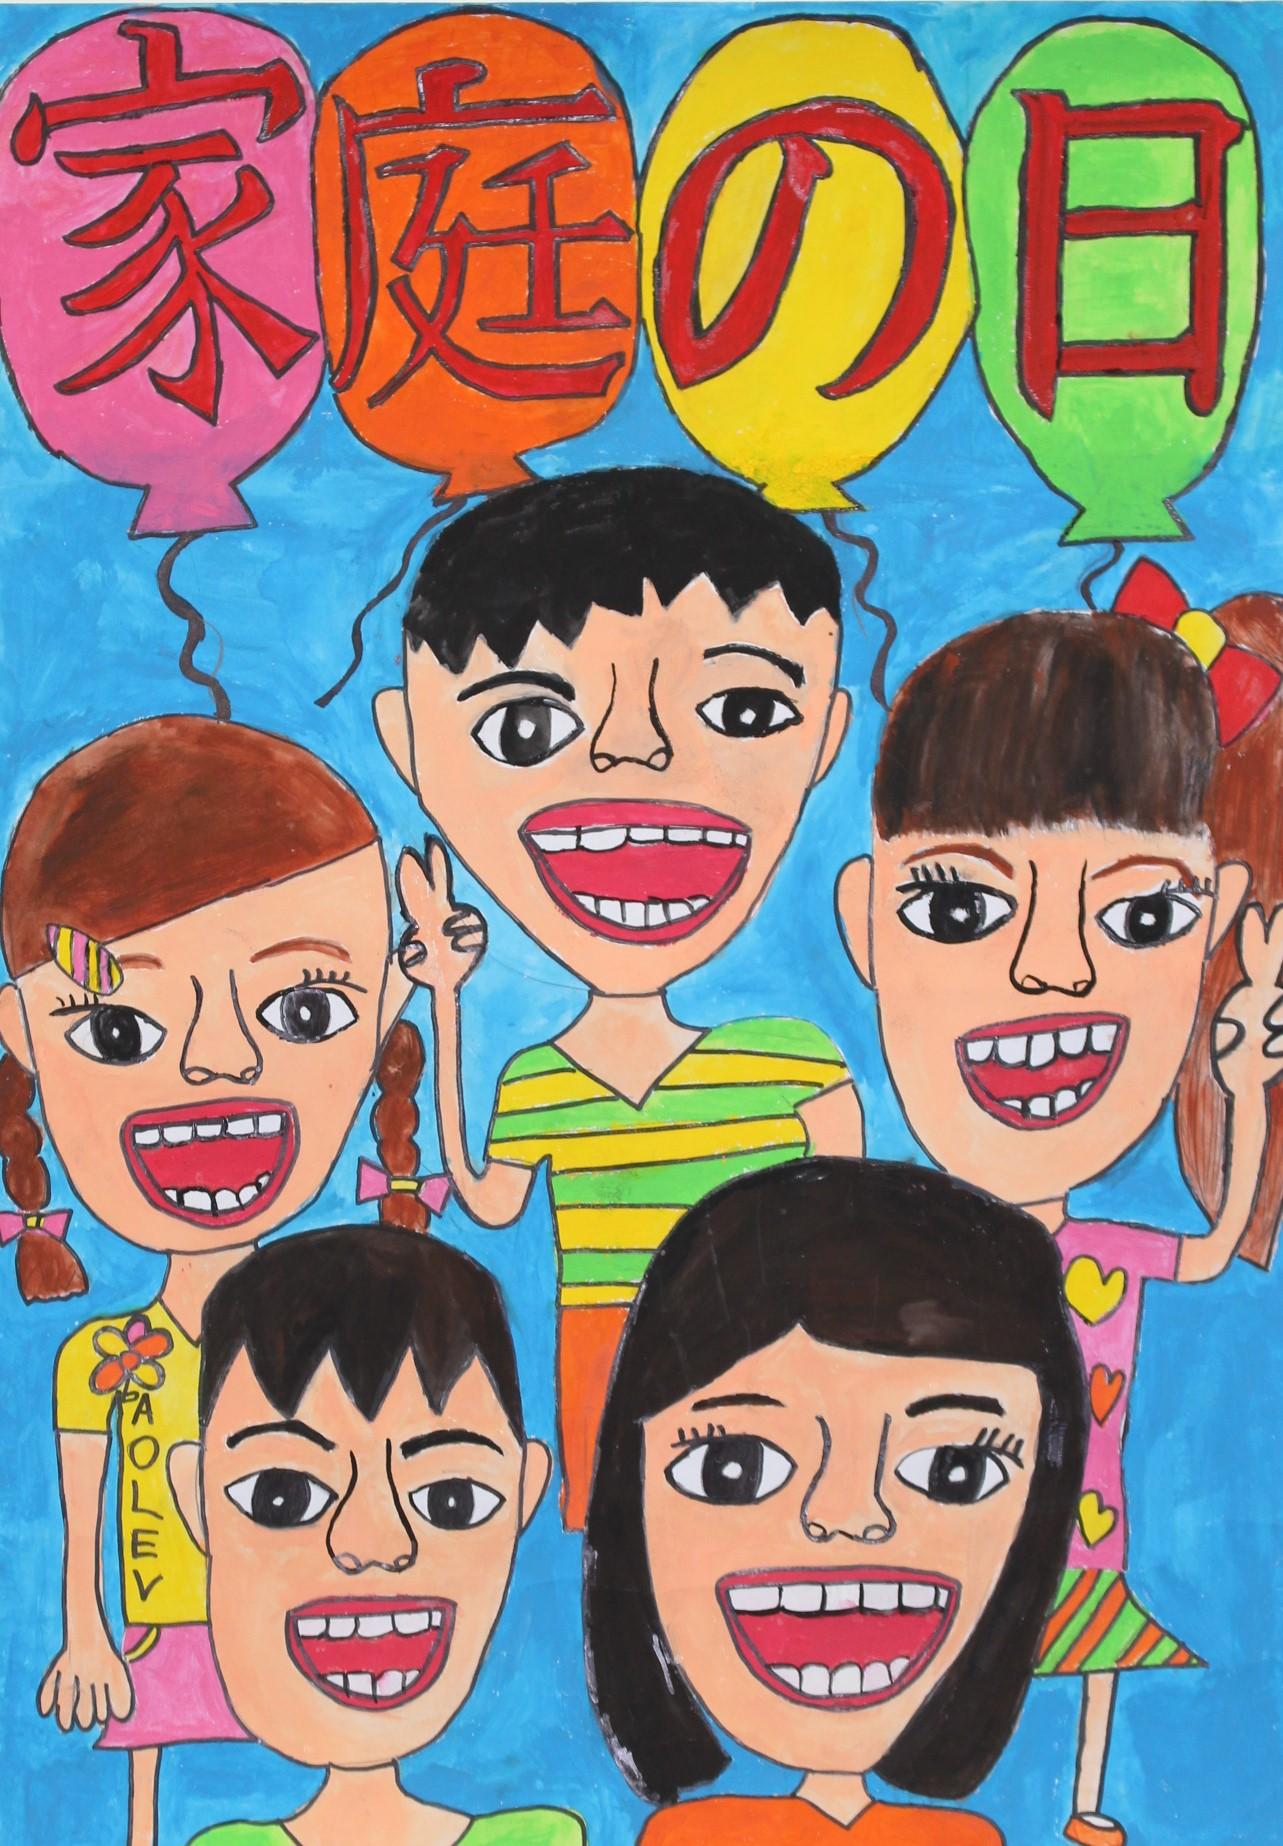 優良賞-宮崎市立学園木花台小学校 5年松下 瑚菜(まつした こな)さん